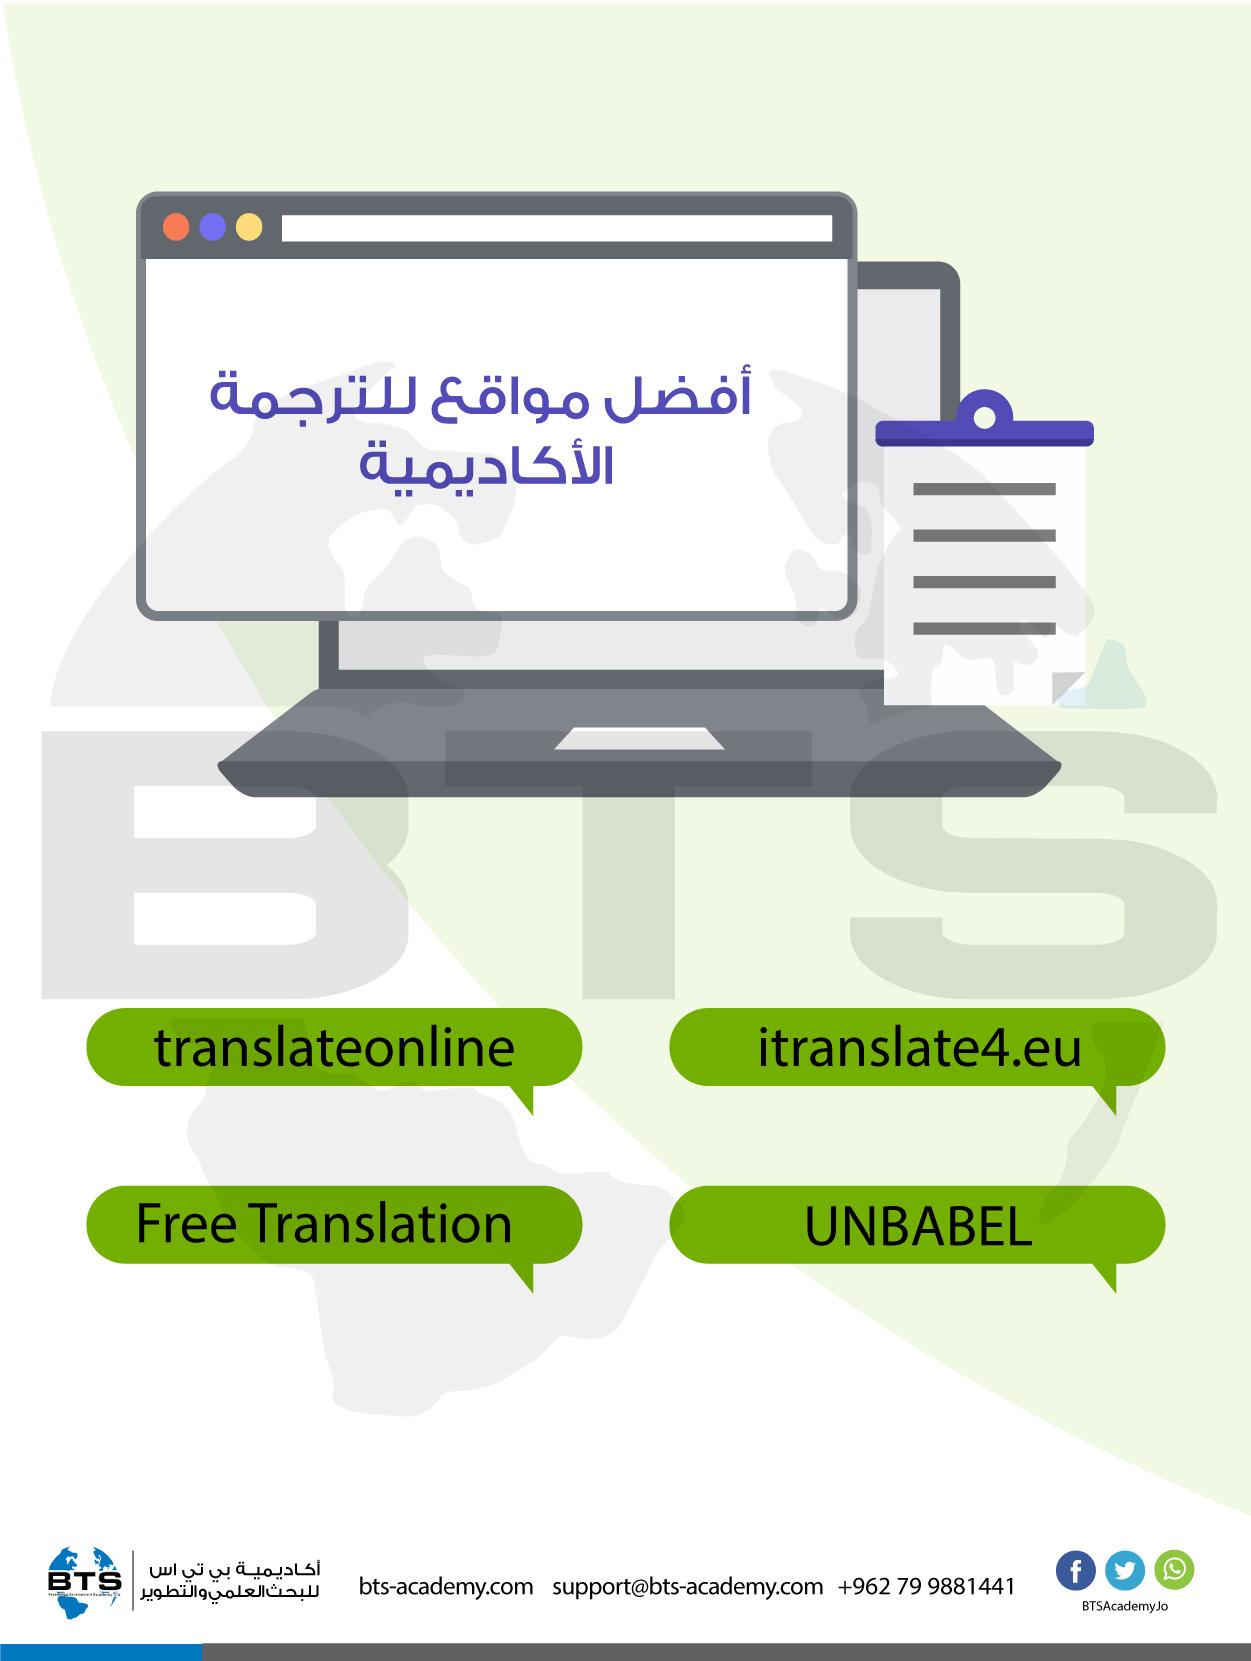 أفضل مواقع الترجمة الأكاديمية